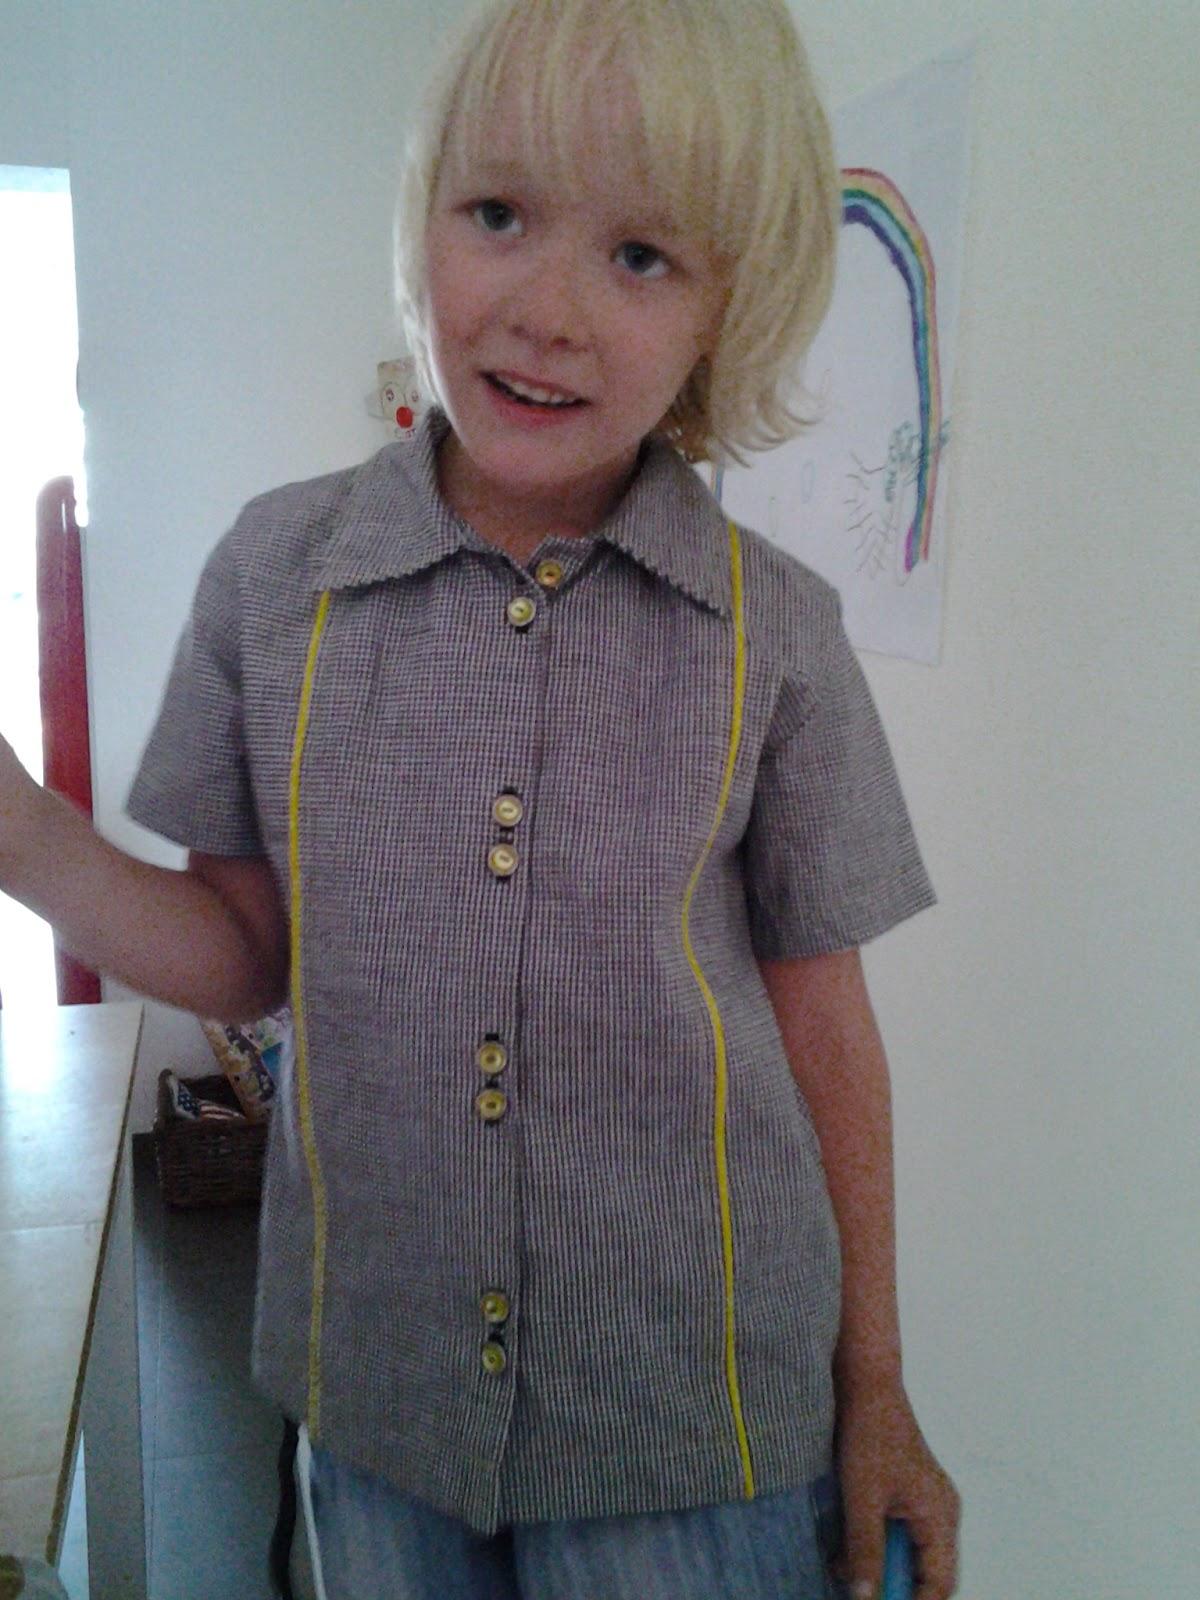 mimi j couture J'ai fait une couture pour assembler les 2 grands morceaux de la cravate (c'est la seule couture que j'ai faite à la machine, tout le reste est fait à la main.